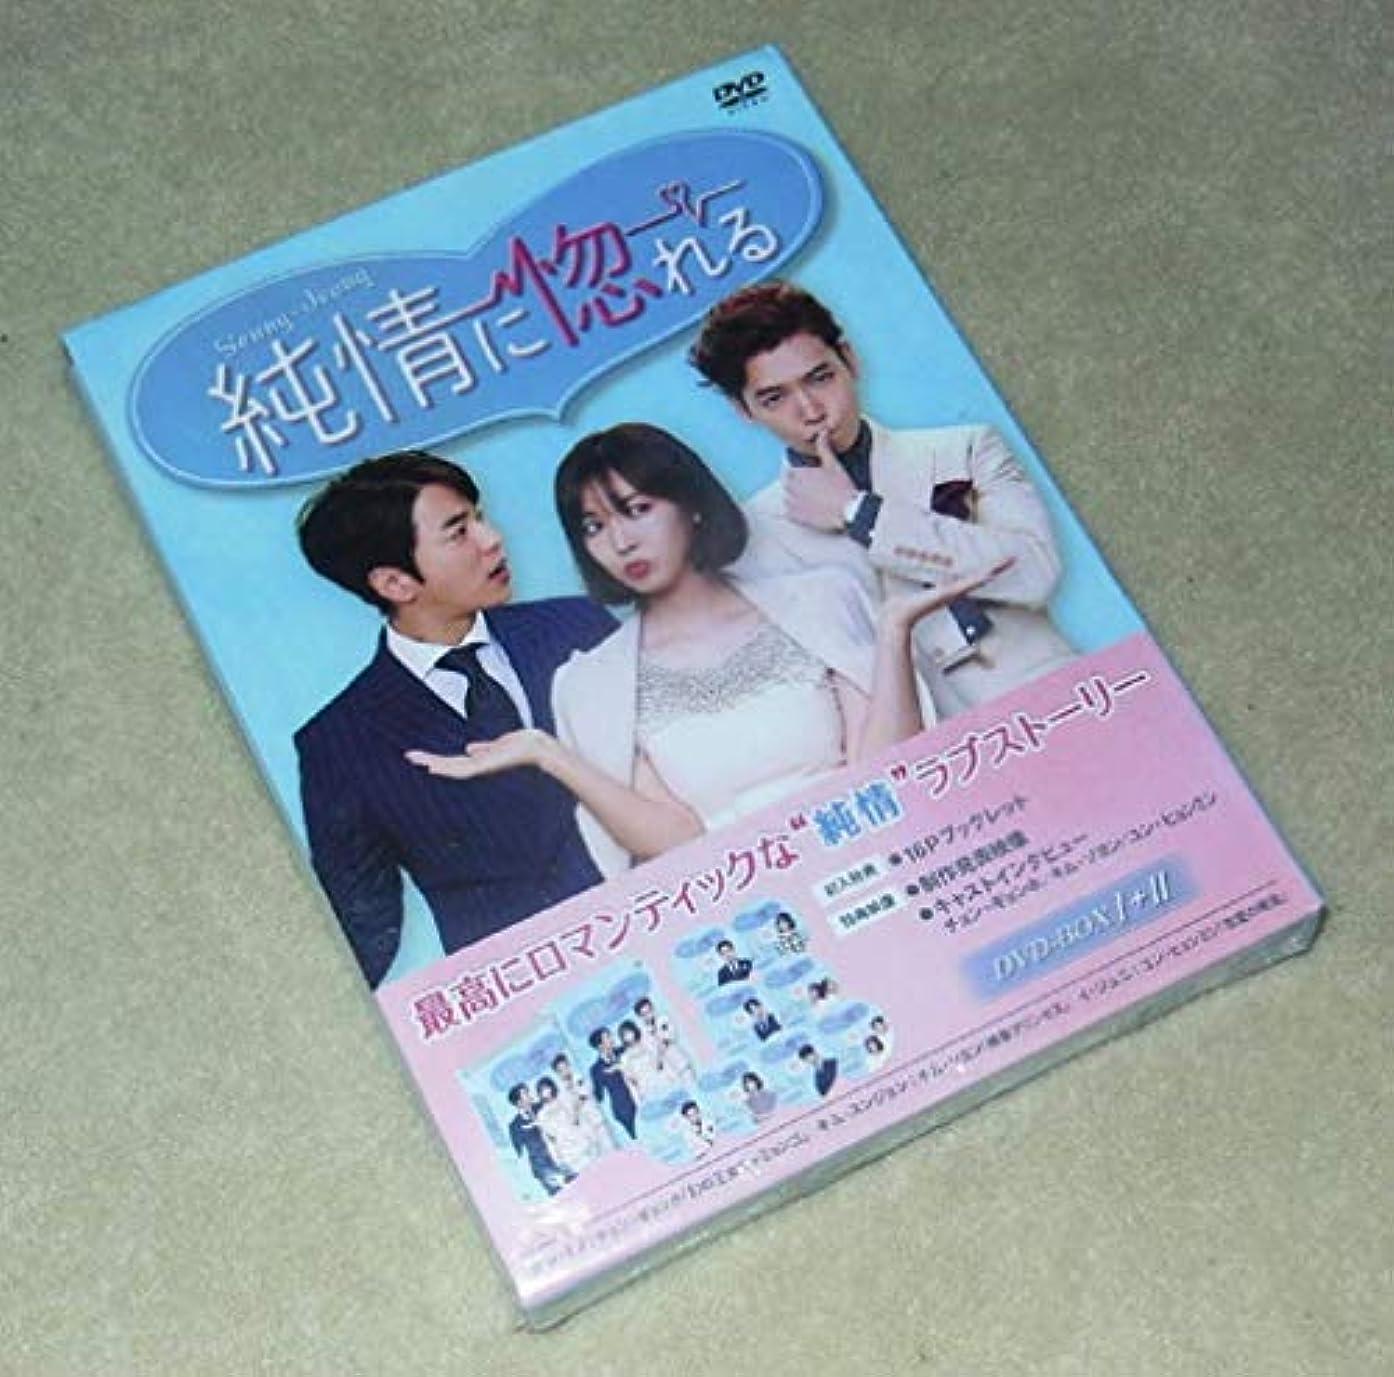 ピボット花弁ワゴン純情に惚れる DVD- BOX1+2 16話 本編950分+特典105分 8枚組 韓国語/日本語字幕